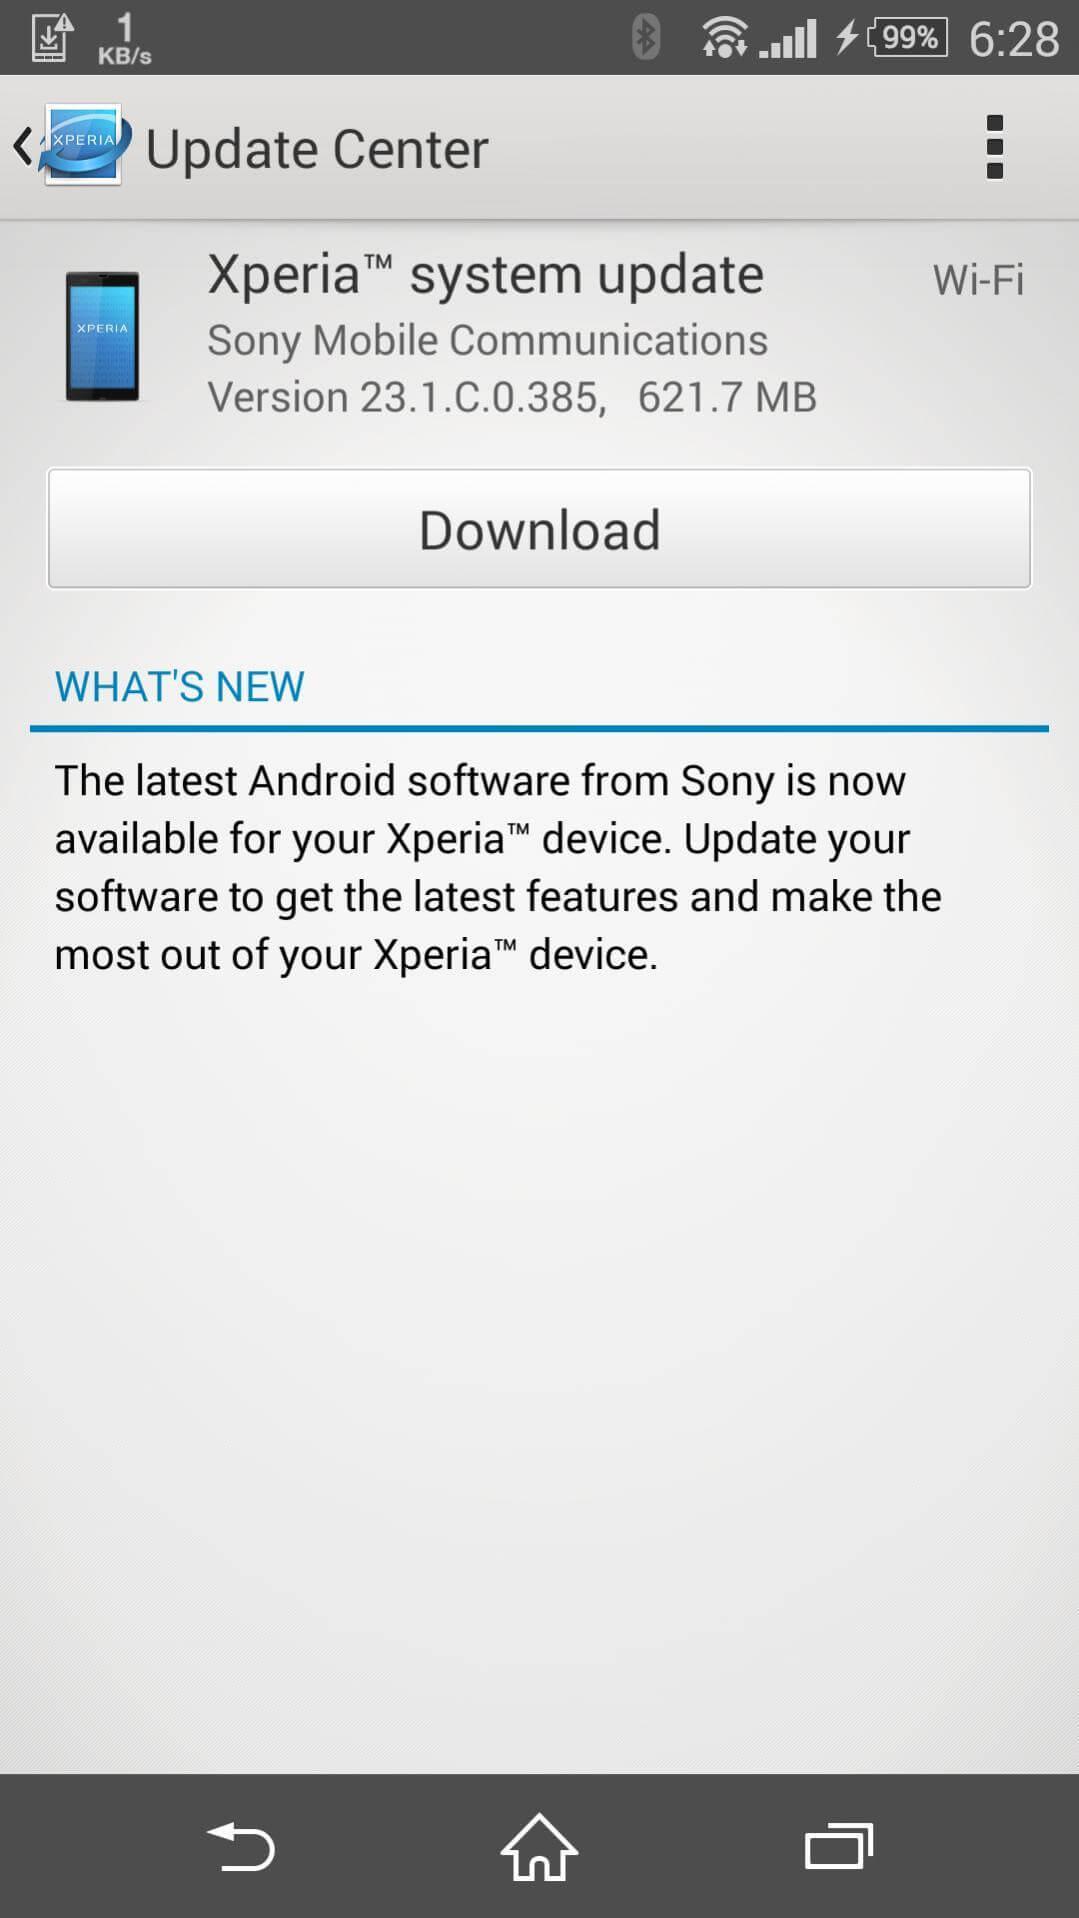 T-Mobile Xperia Z3 23.1.C.0.385 OTA update